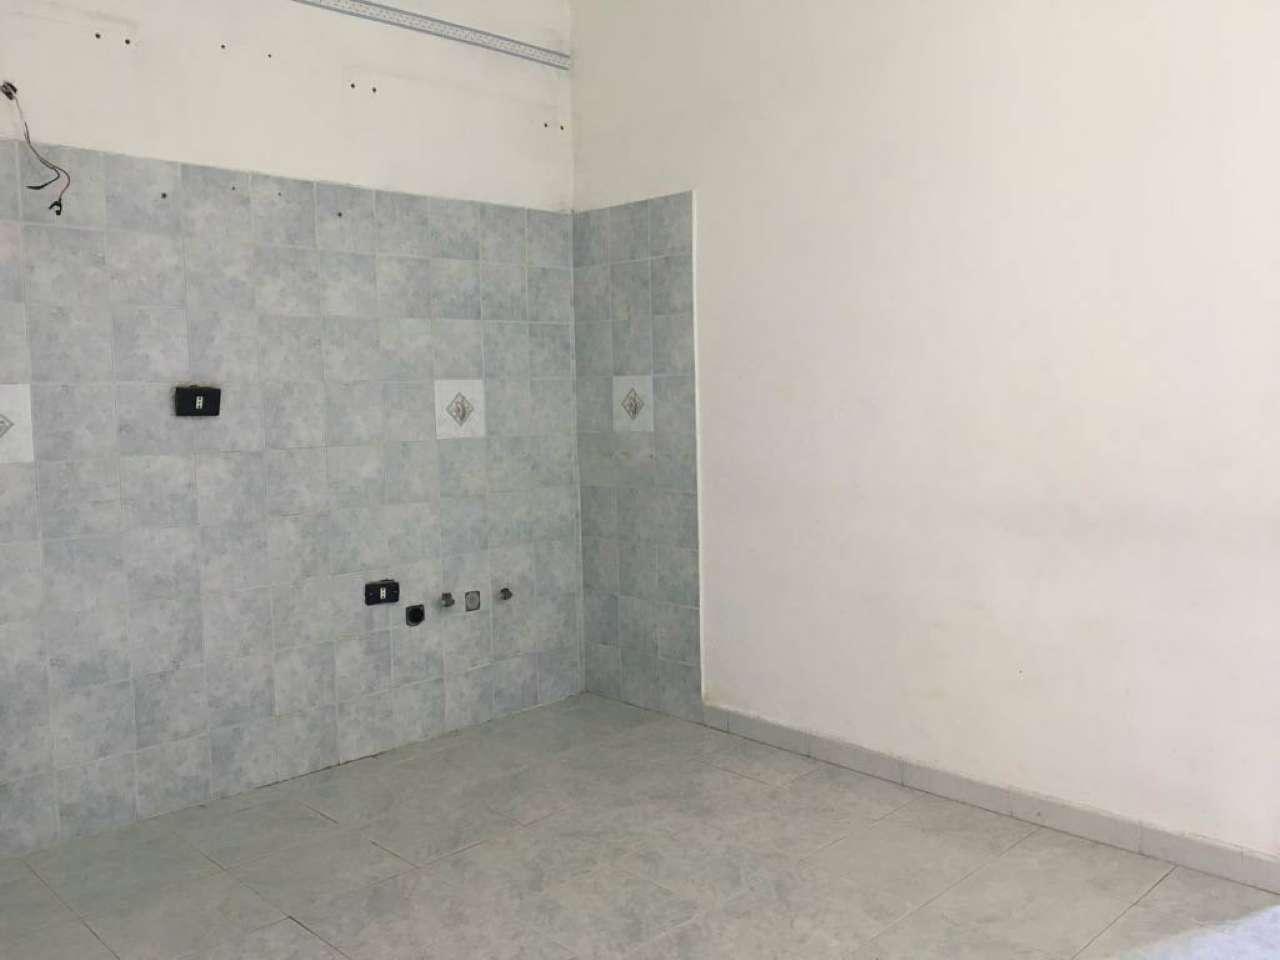 Appartamento in affitto a Napoli, 2 locali, zona Zona: 6 . Ponticelli, Barra, San Giovanni a Teduccio, prezzo € 430 | CambioCasa.it